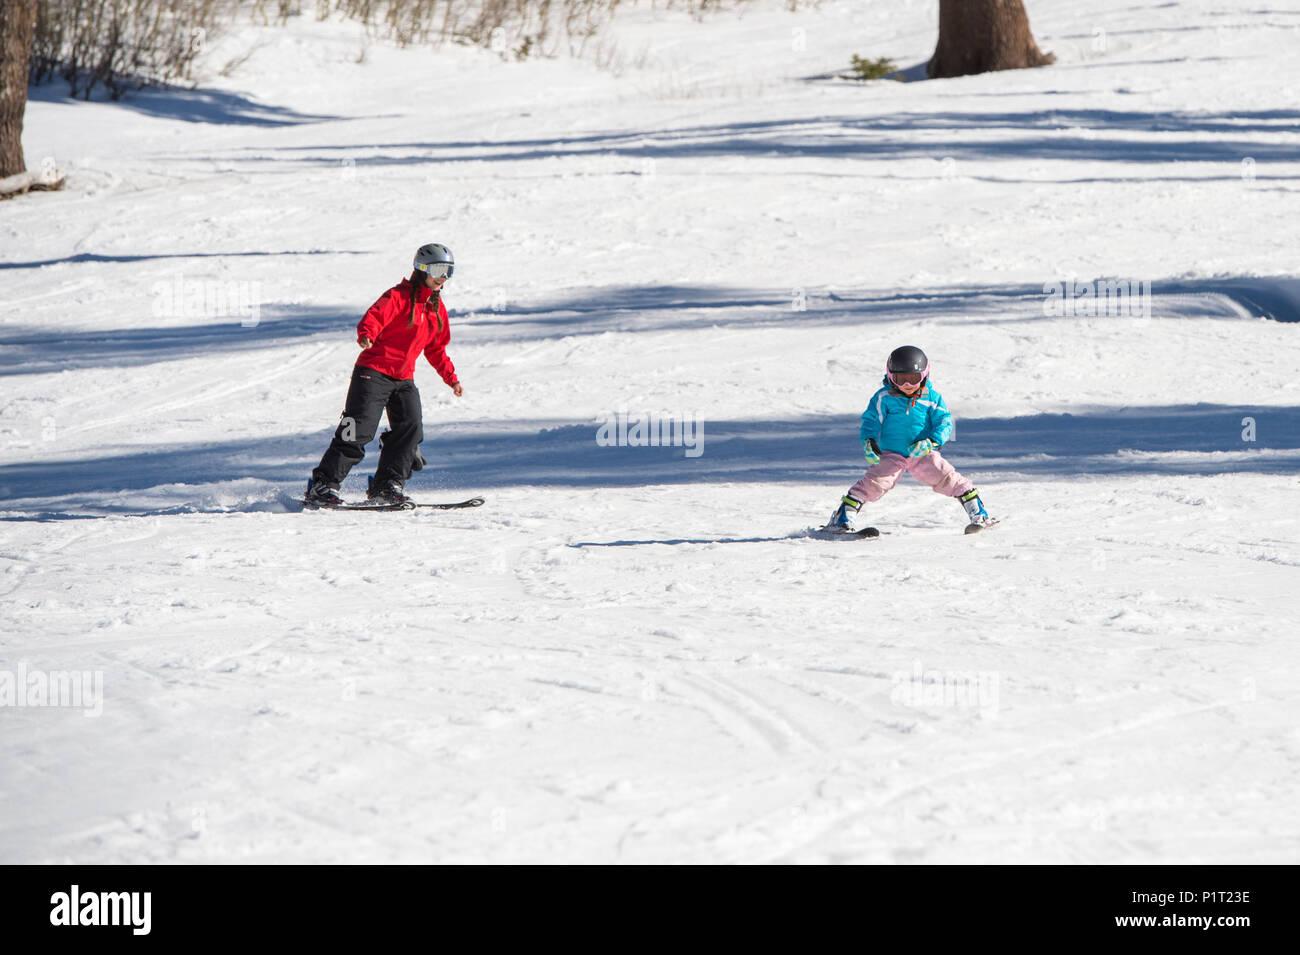 Madre insegnare ai giovani la figlia come sci a Squaw Valley Ski Resort in California del Nord America. Immagini Stock